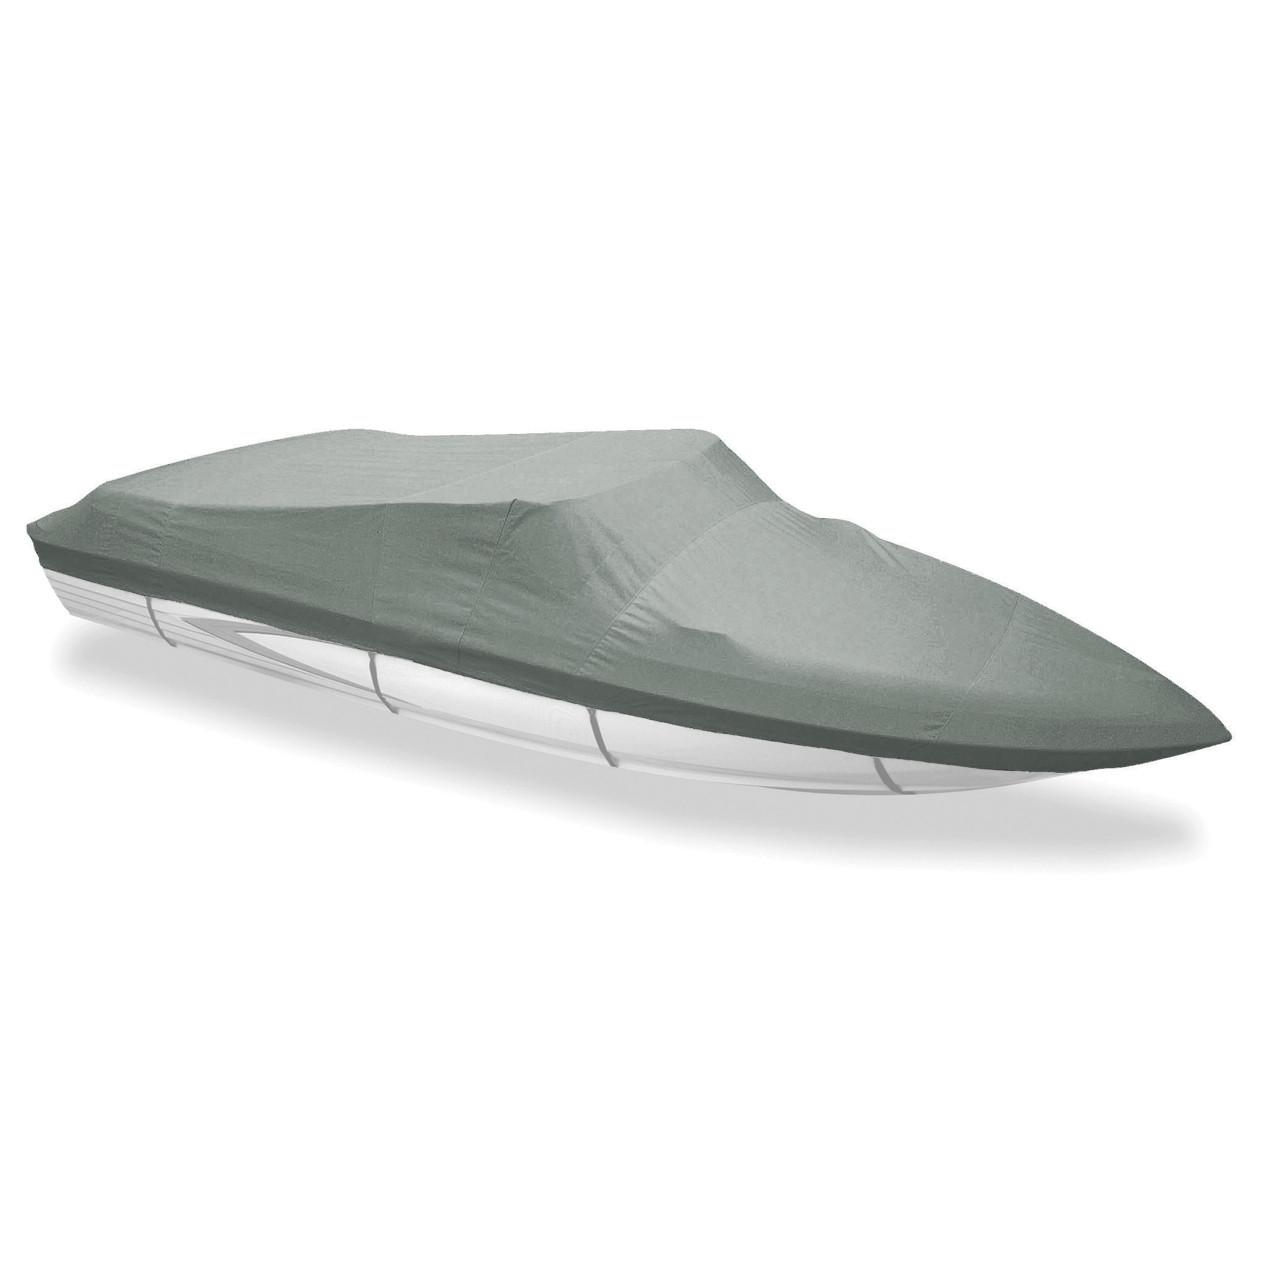 Nautic Star 211 Angler Custom Boat Cover | Carver | 16727 on